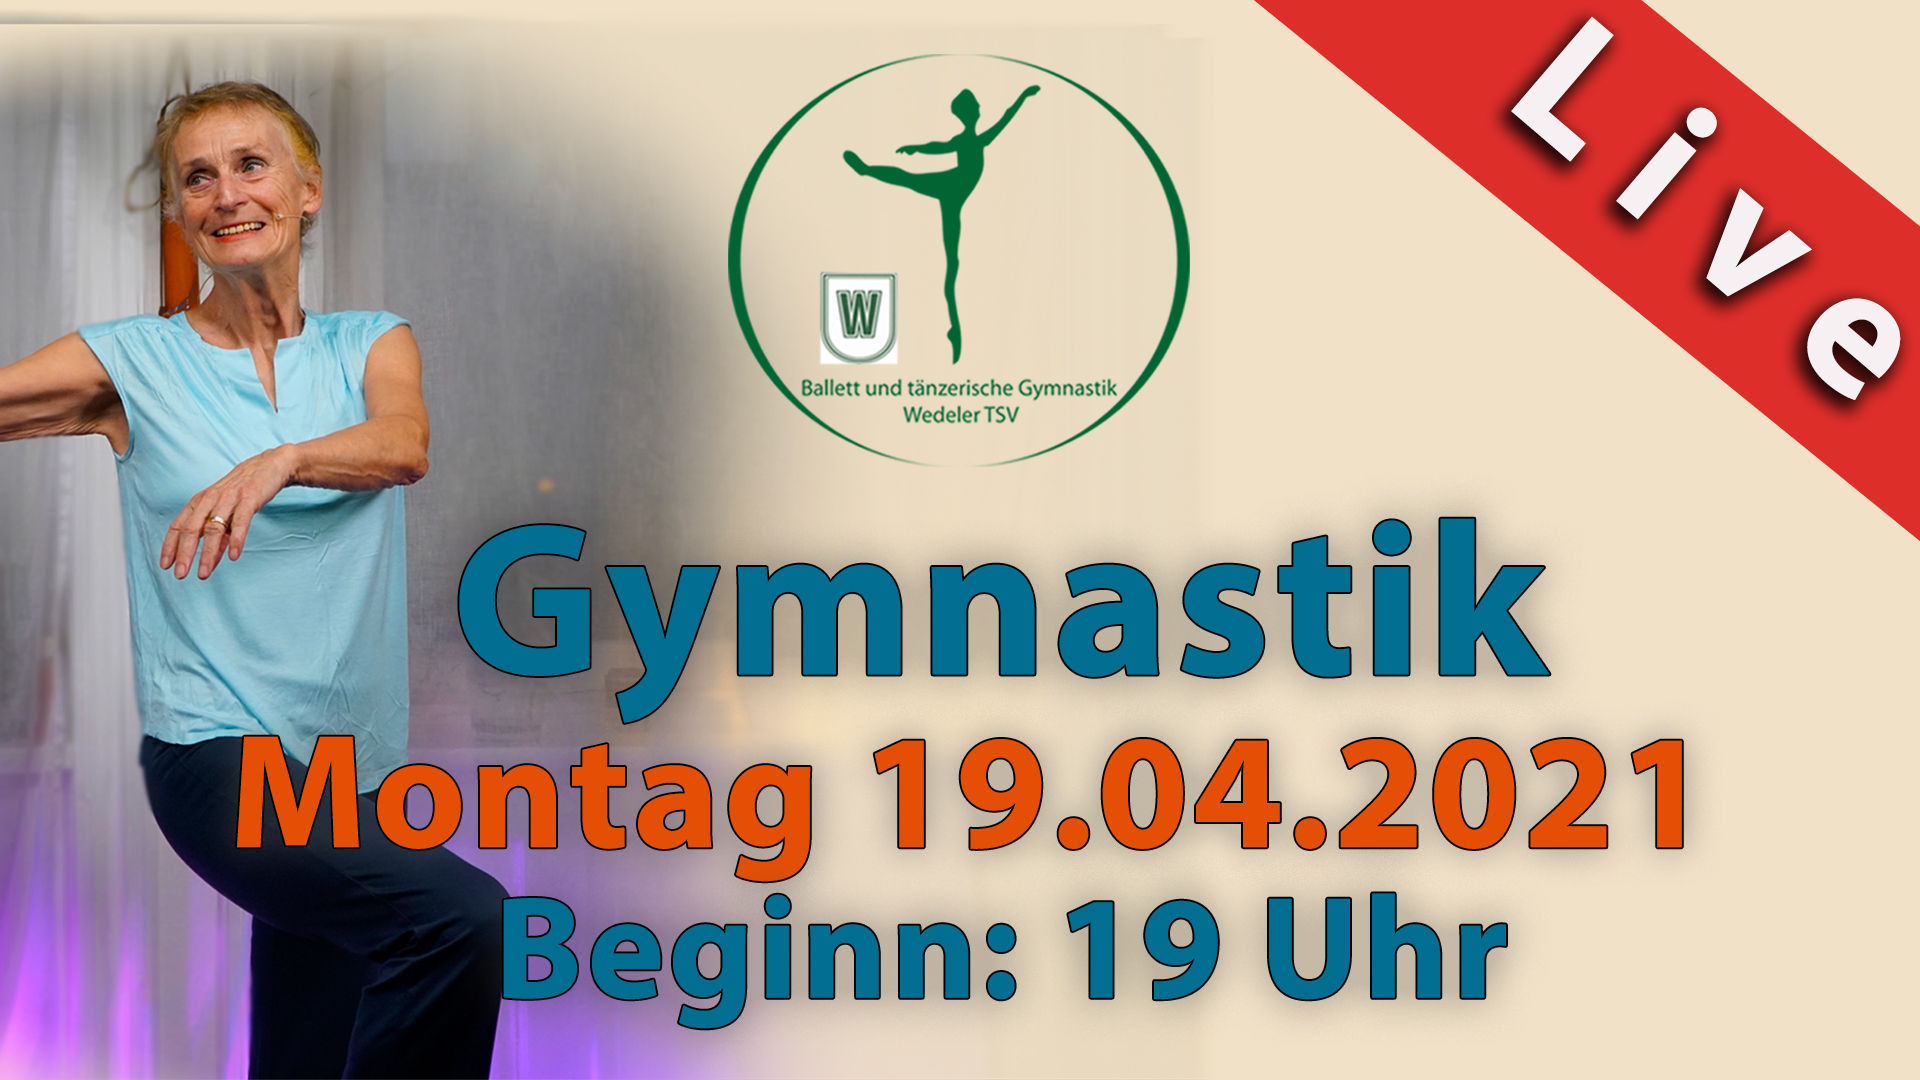 Gymnastik Livestream | Montag 19.04.2021 | 19 Uhr